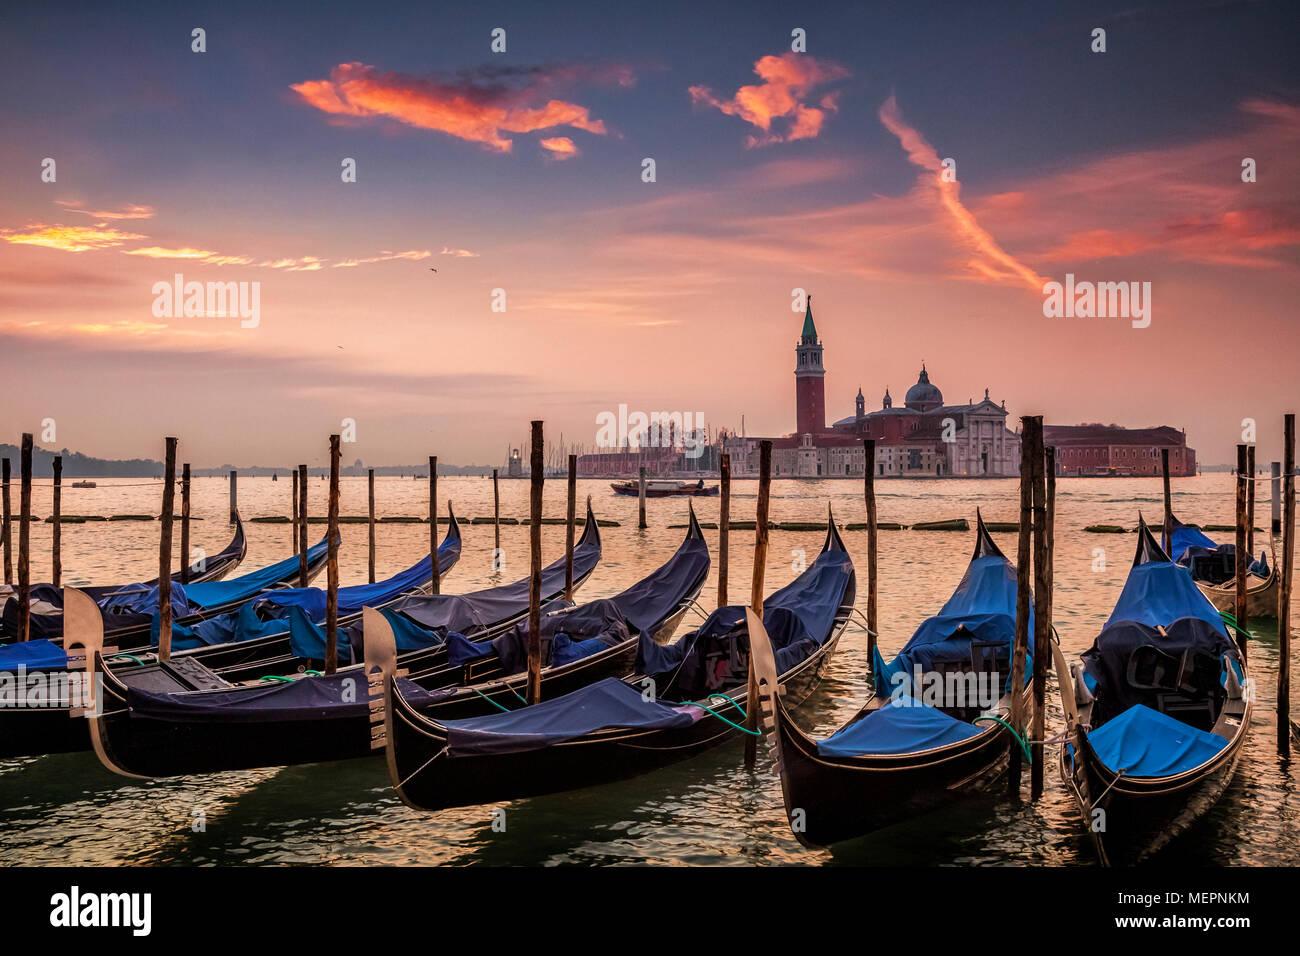 À l'aube, les gondoles à Venise, Italie Banque D'Images